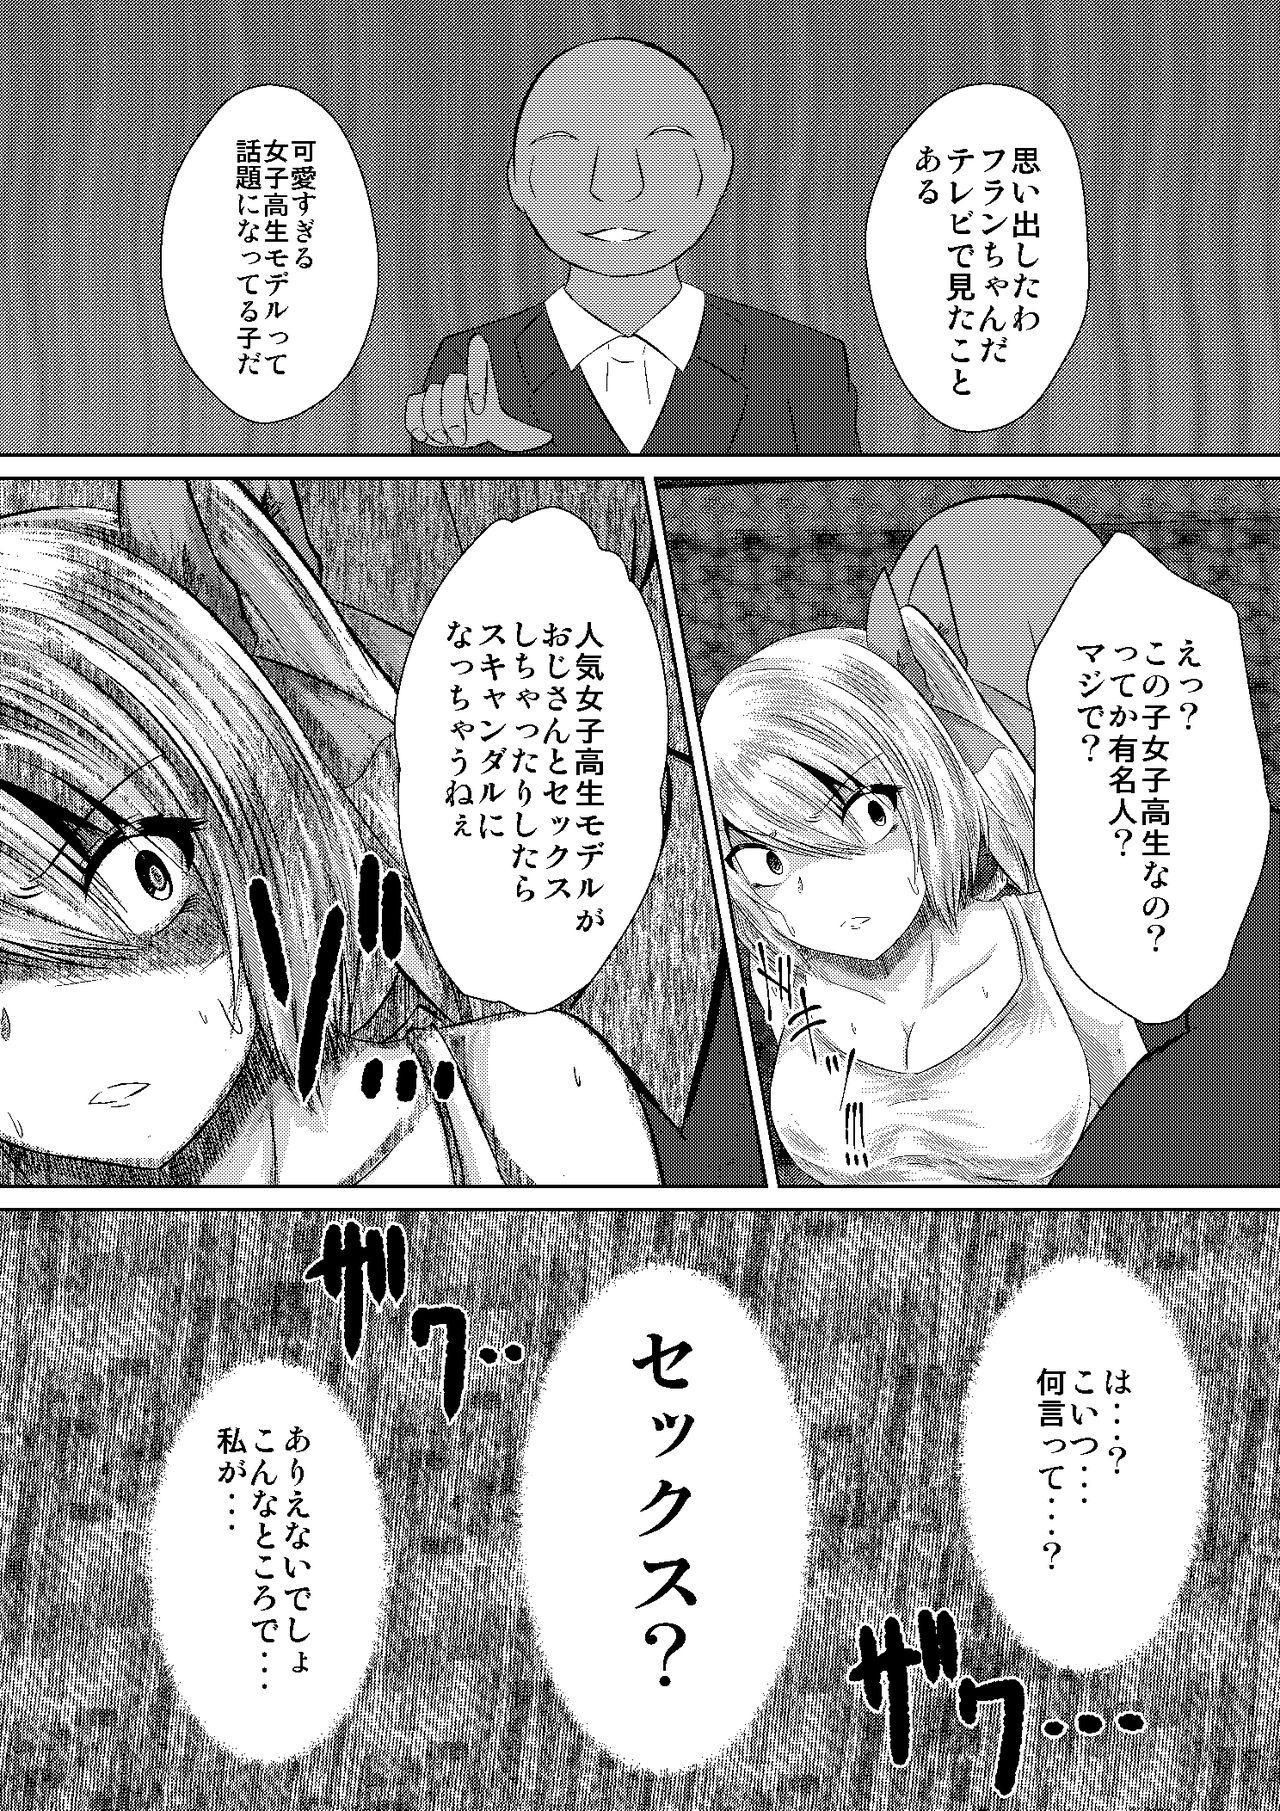 JK Flan VS Chikan Oji-sans 7